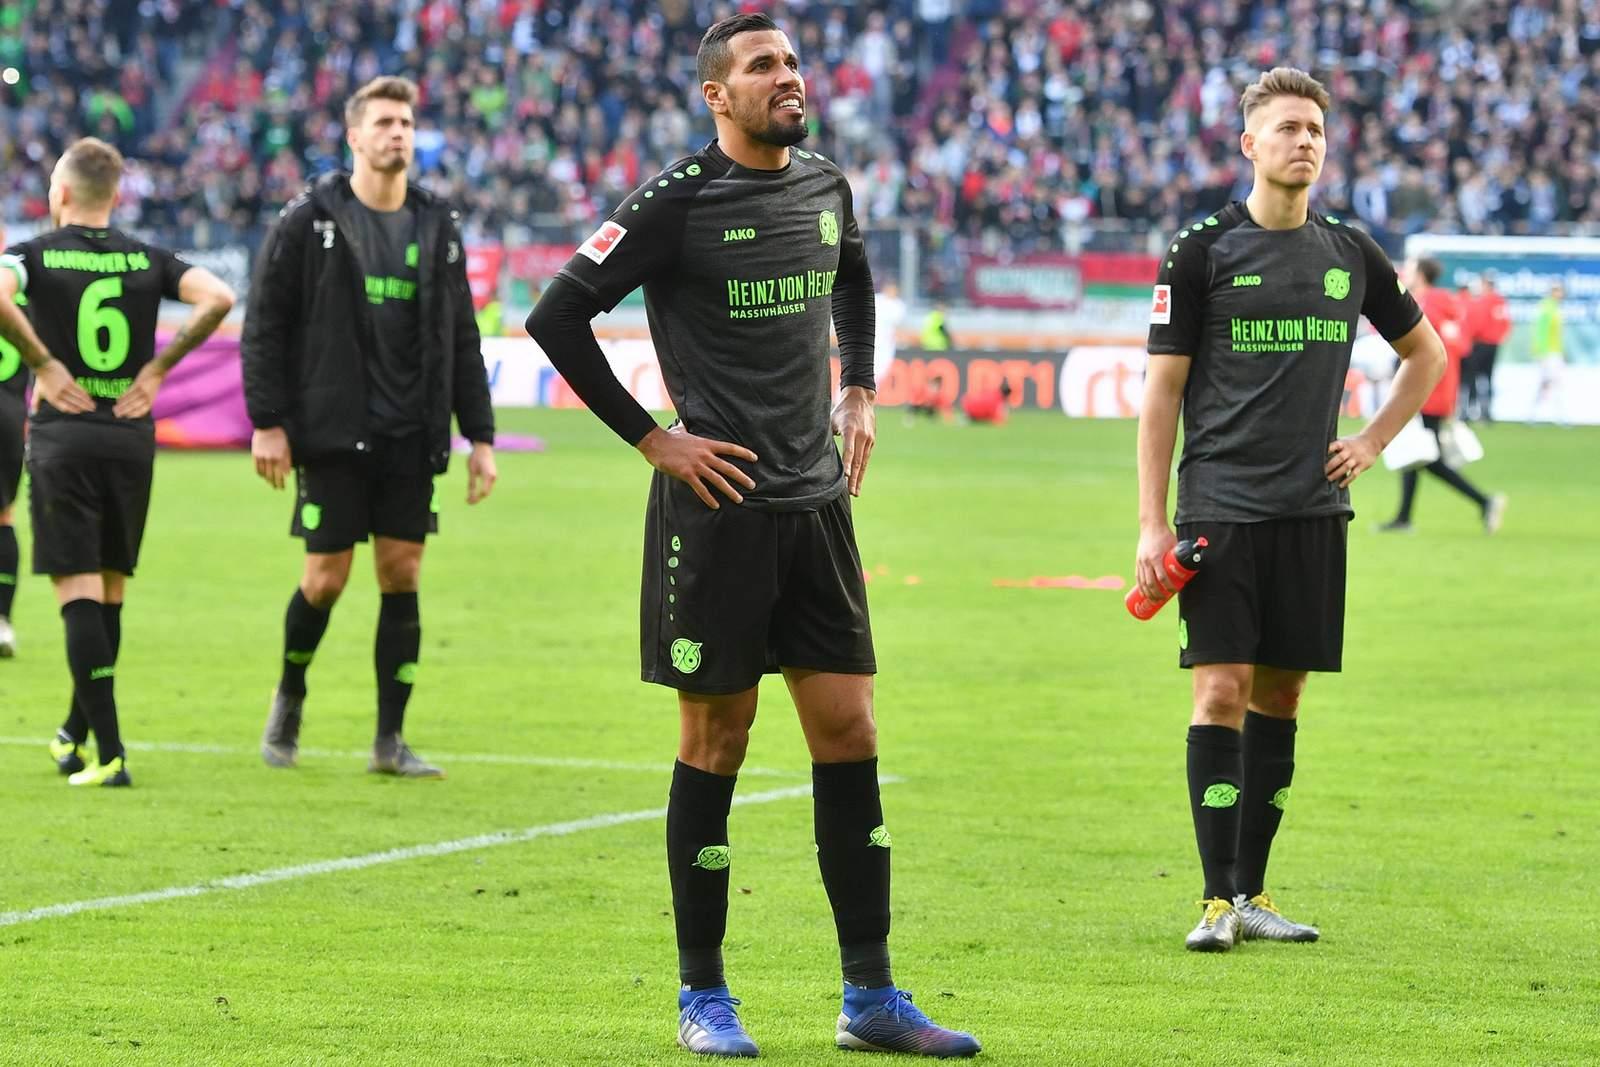 Jonathas von Hannover 96